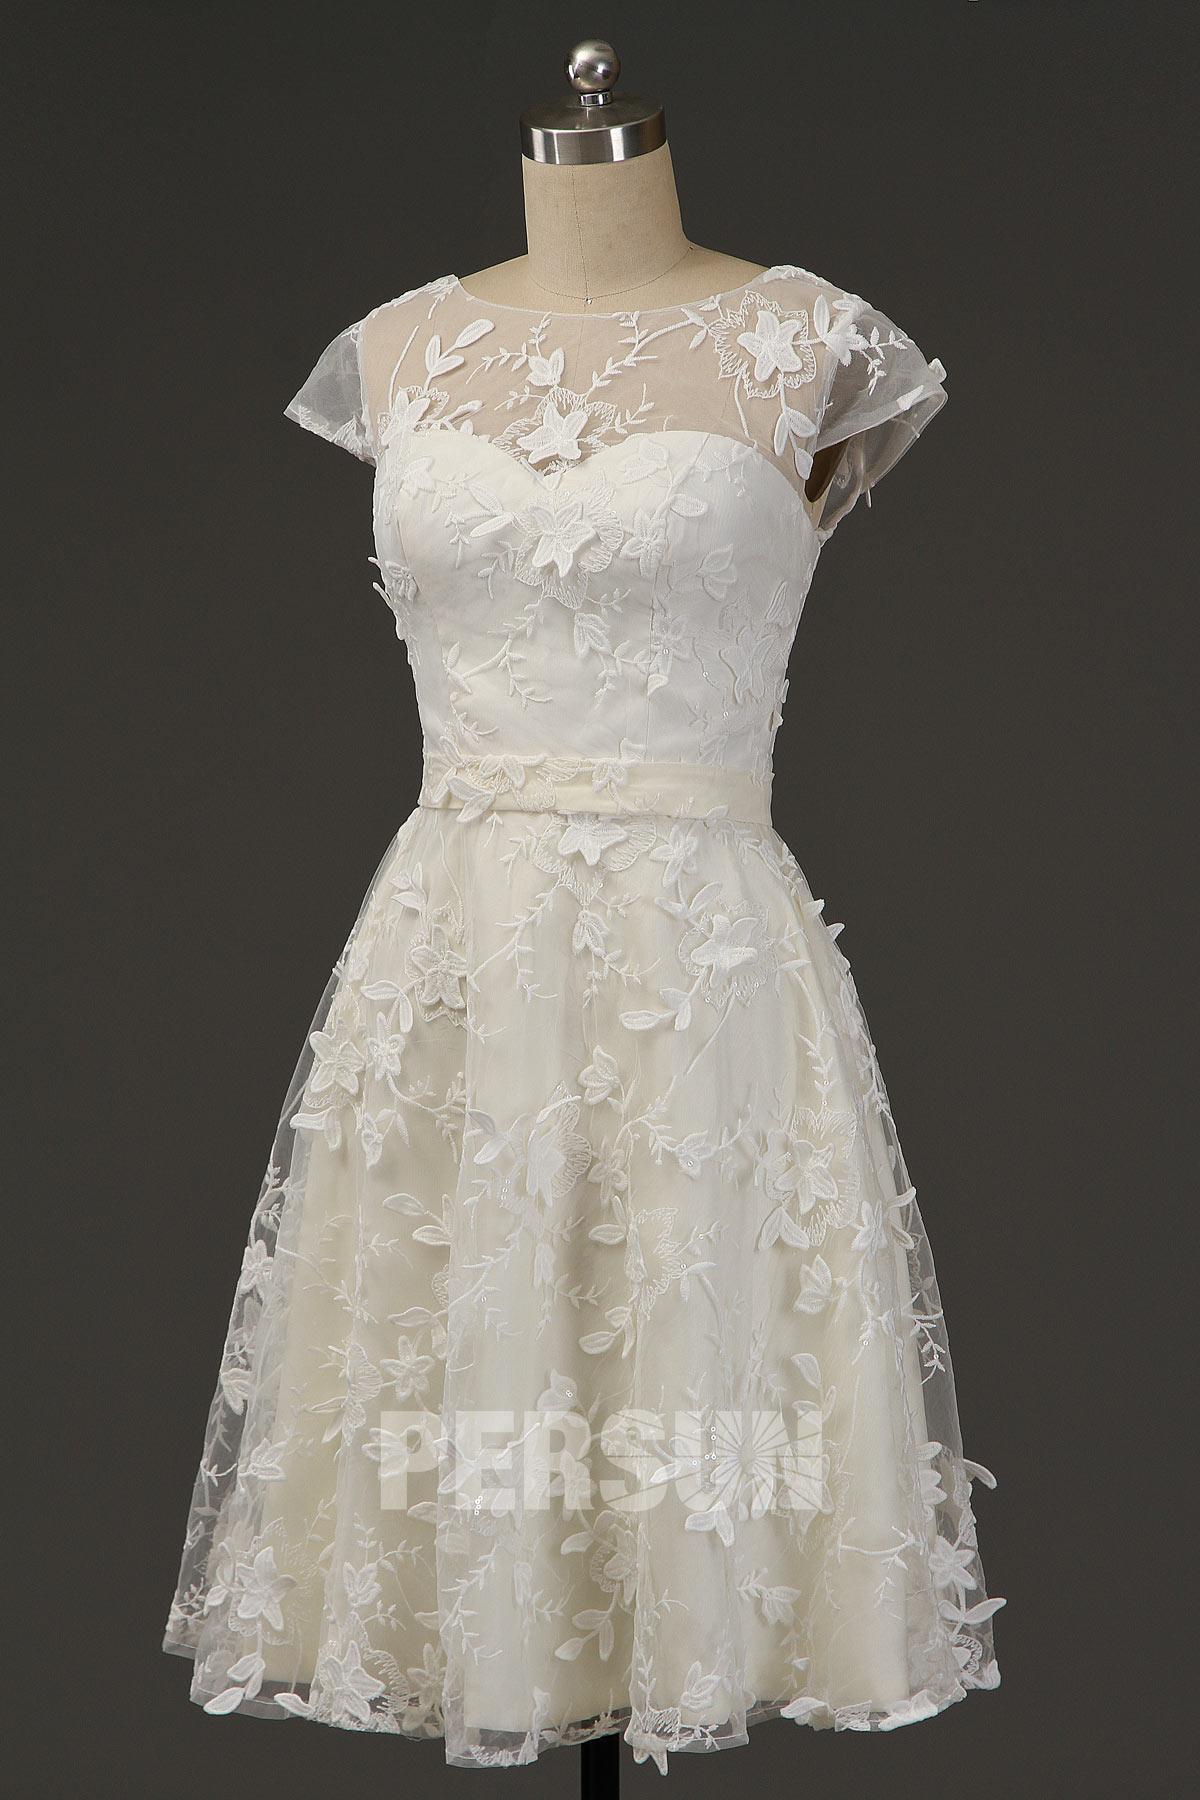 robe de mariée courte pour mariage civil 2019